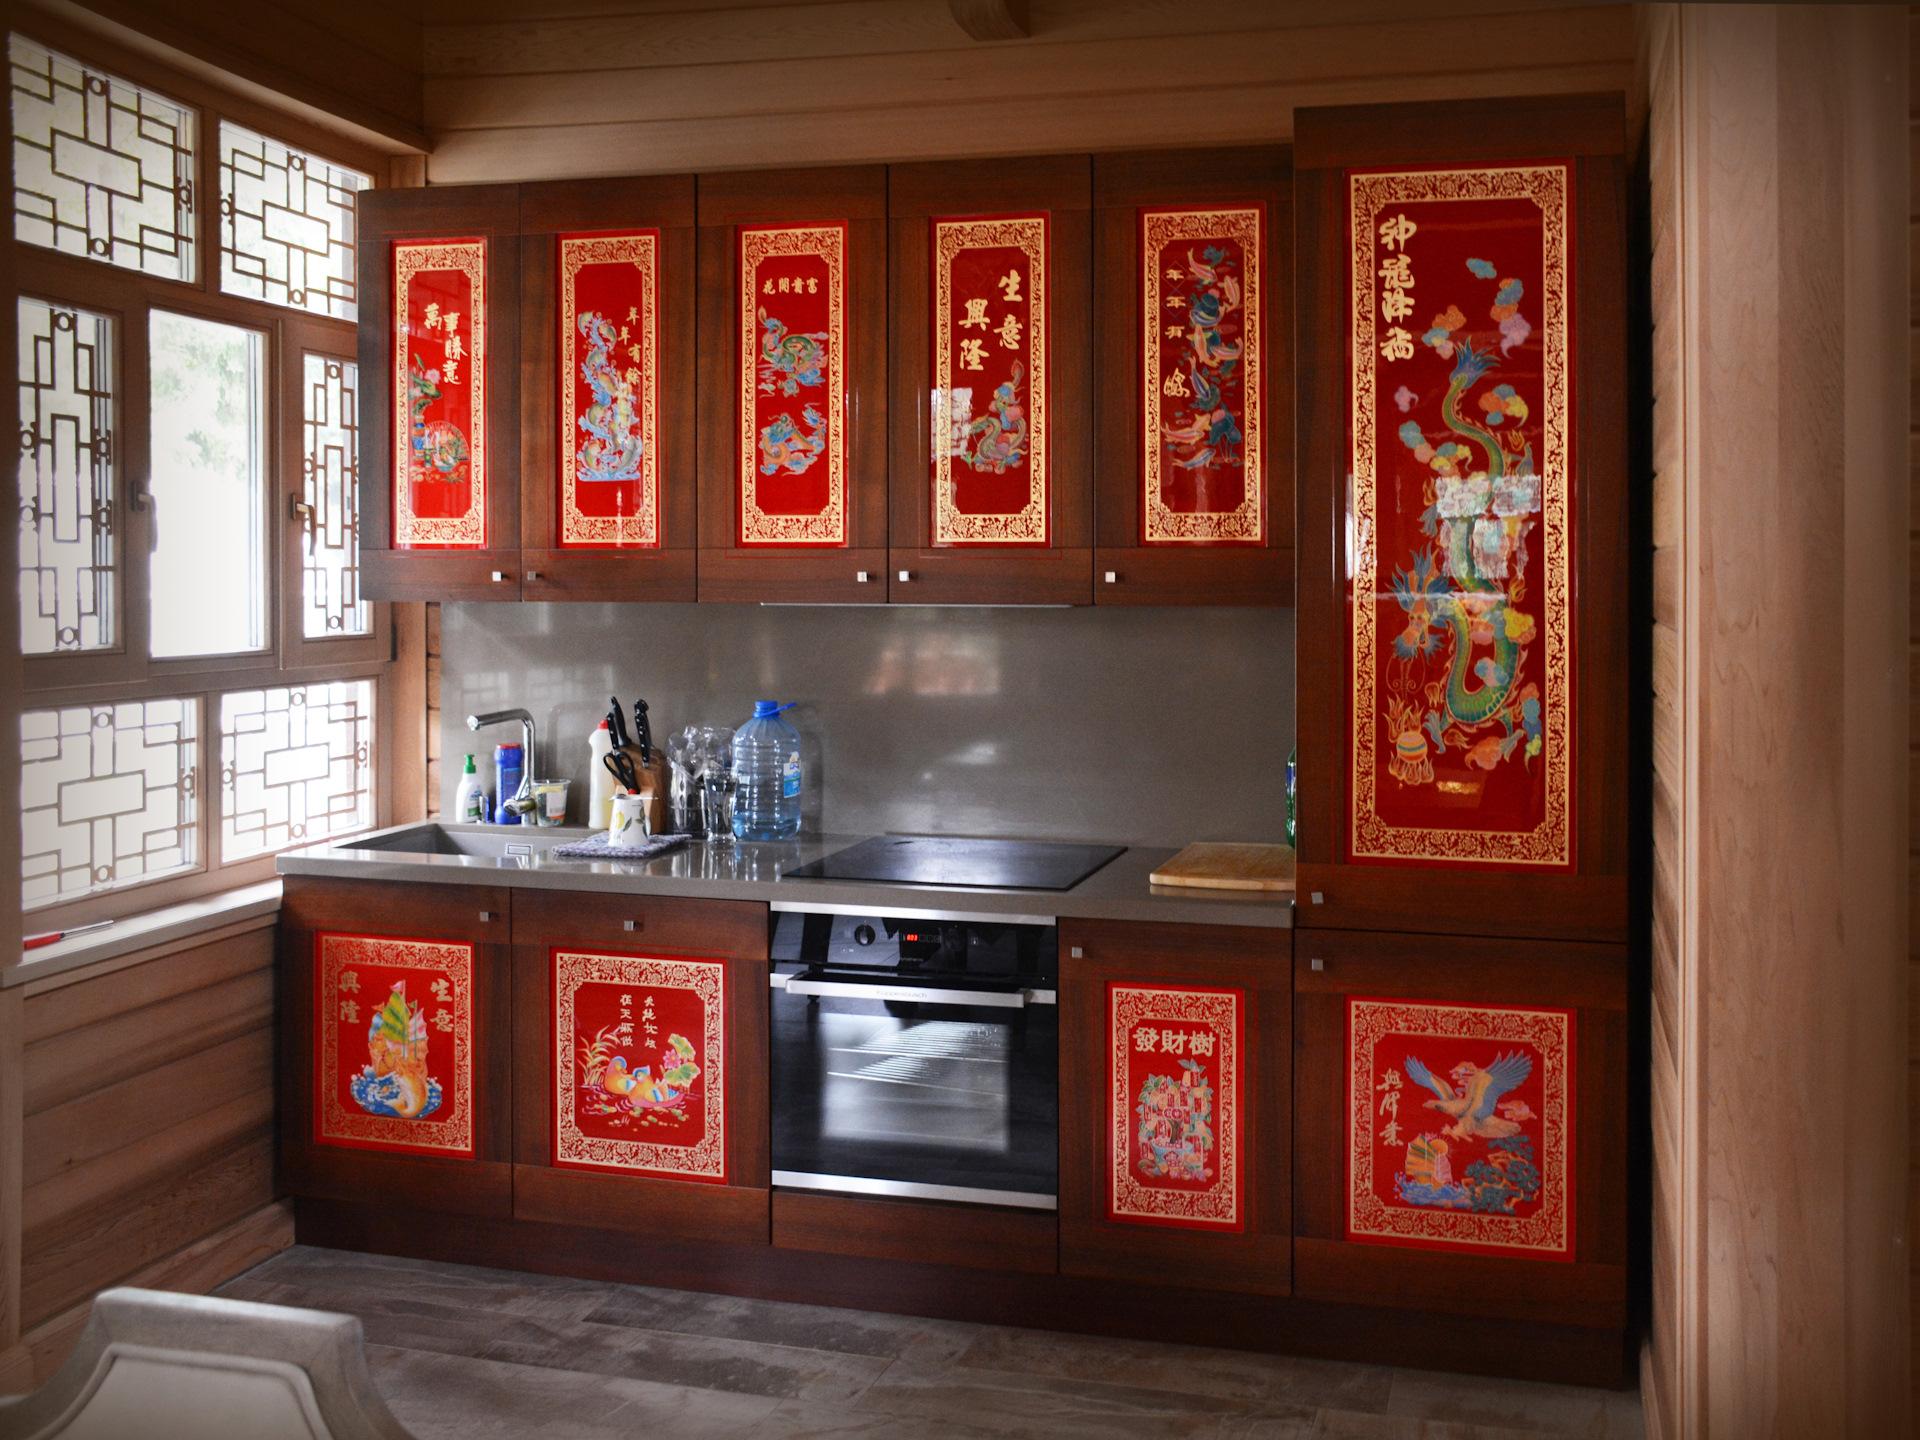 поделки для кухни в китайском стиле фото мальчику хочется